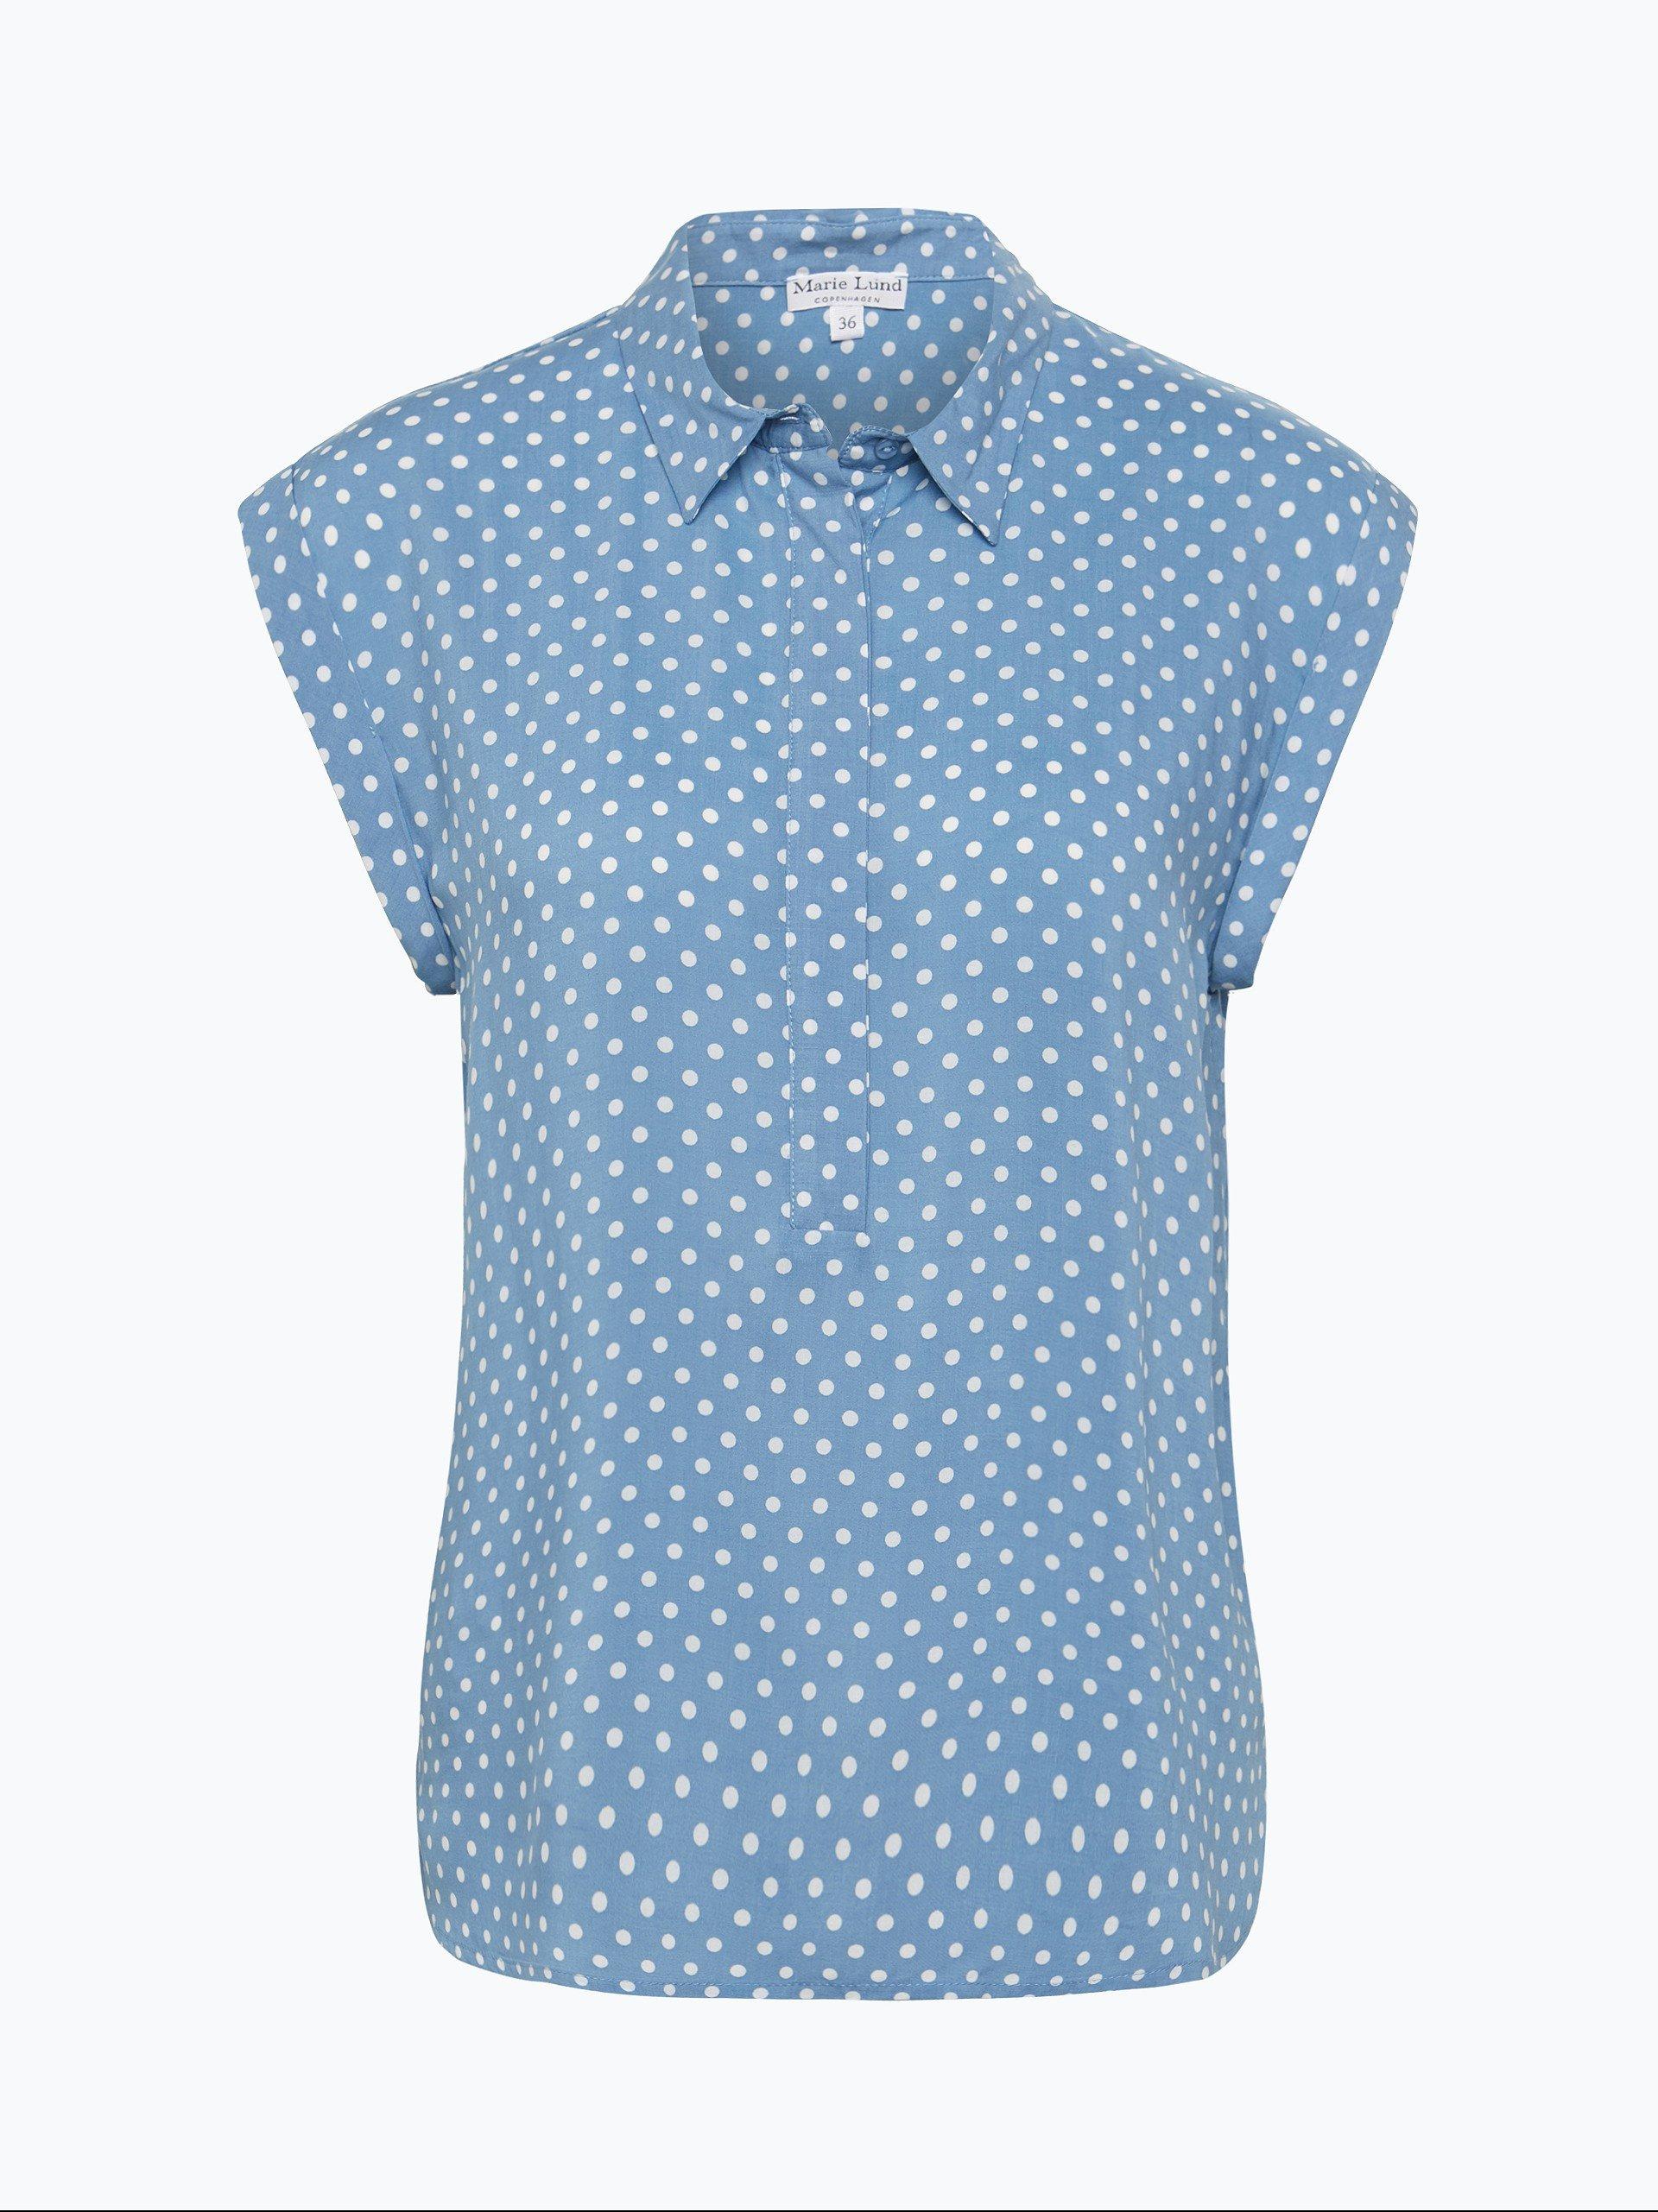 marie lund damen bluse blau gepunktet online kaufen peek und cloppenburg de. Black Bedroom Furniture Sets. Home Design Ideas